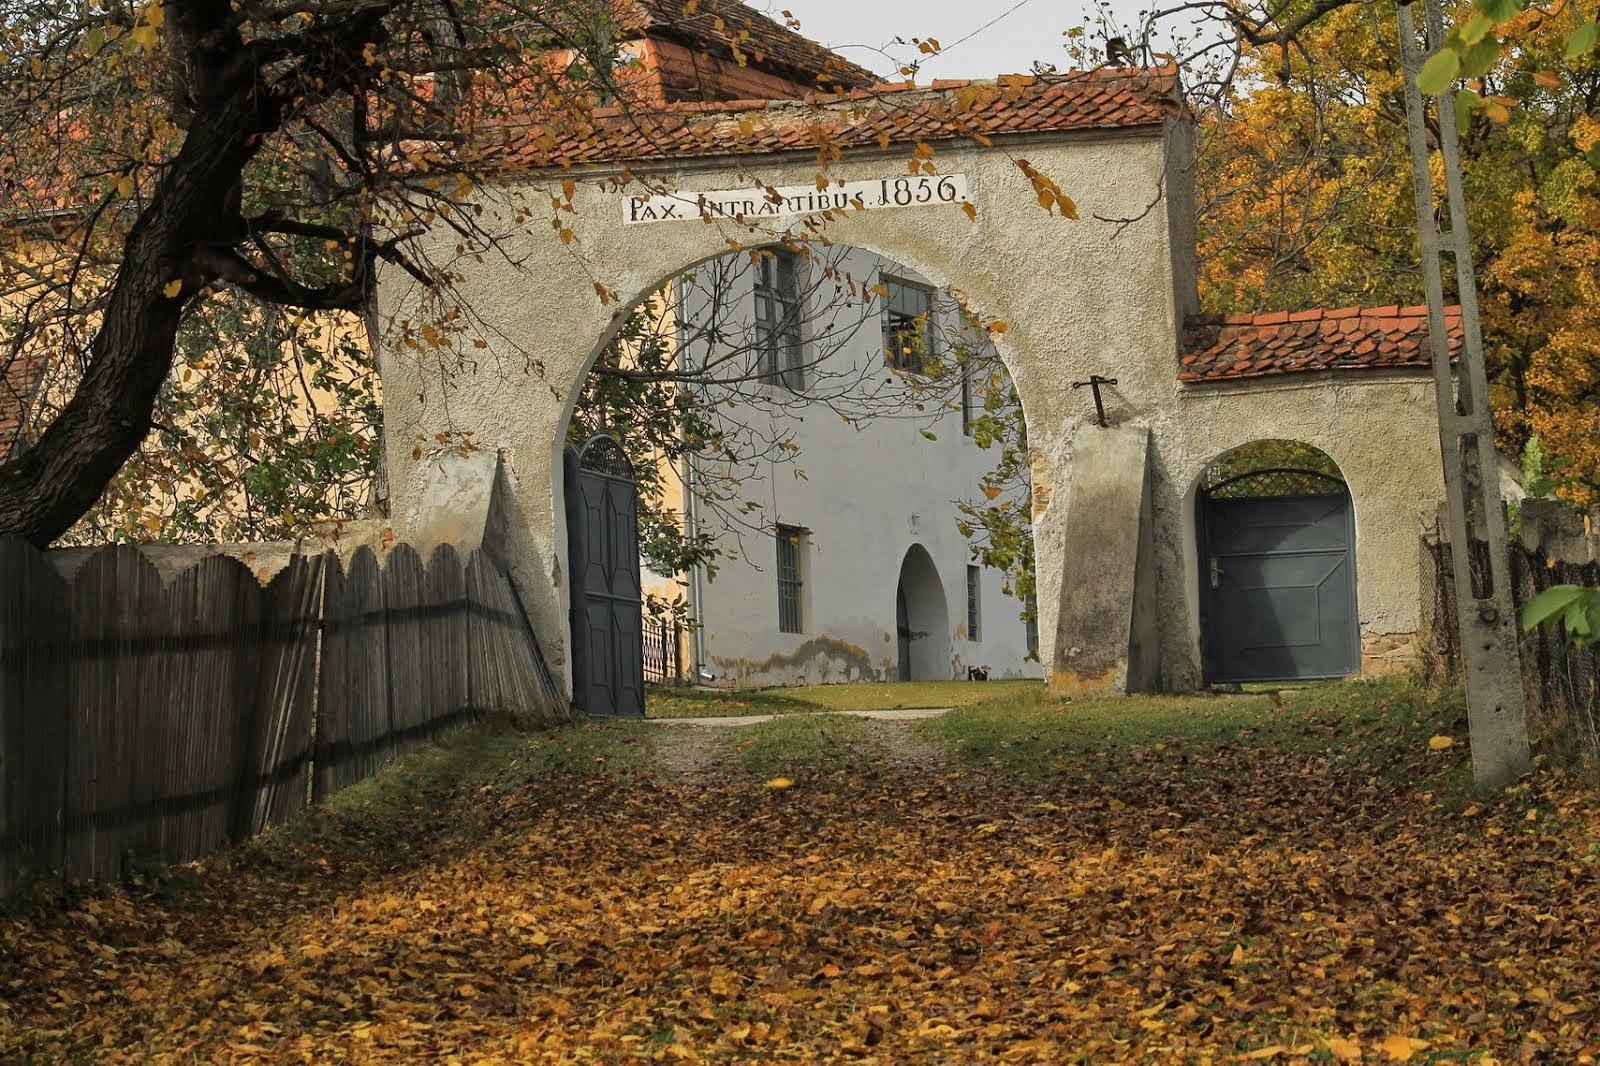 Őszi pillanatkép 4. - Ferences kolostor és bejárata